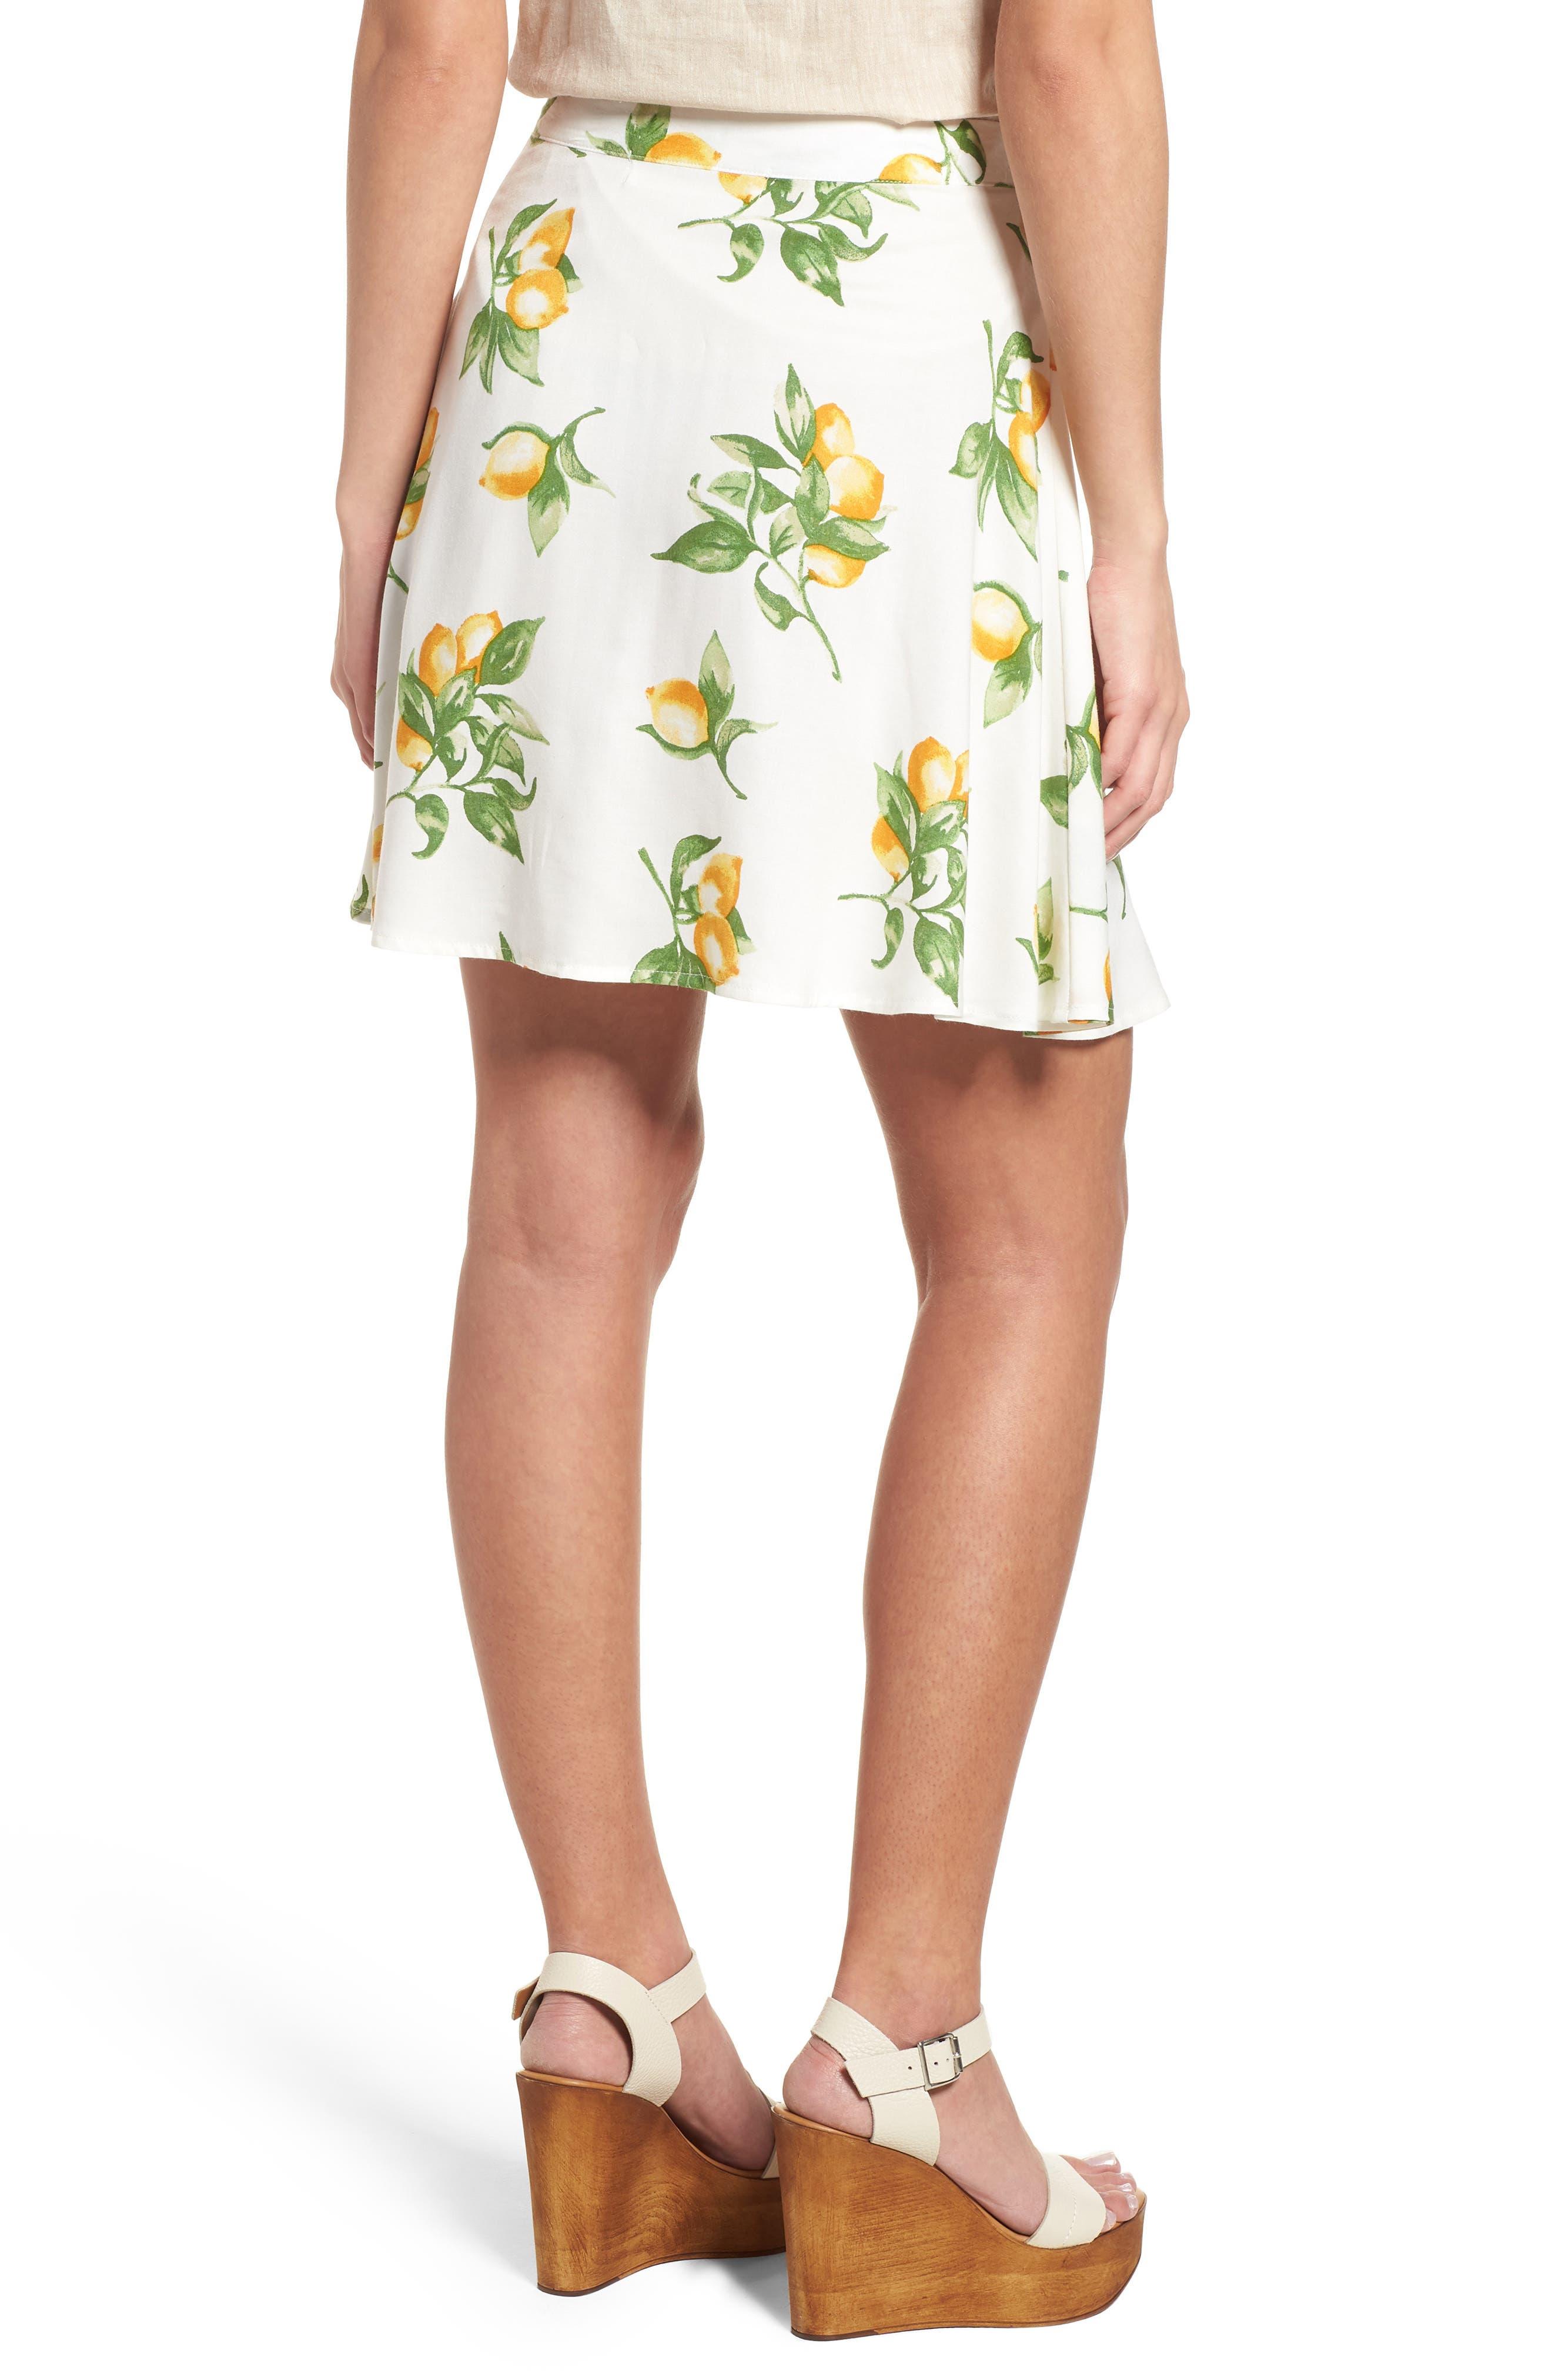 Fruit Print Side Tie Skirt,                             Alternate thumbnail 2, color,                             Ivory Lemon Print